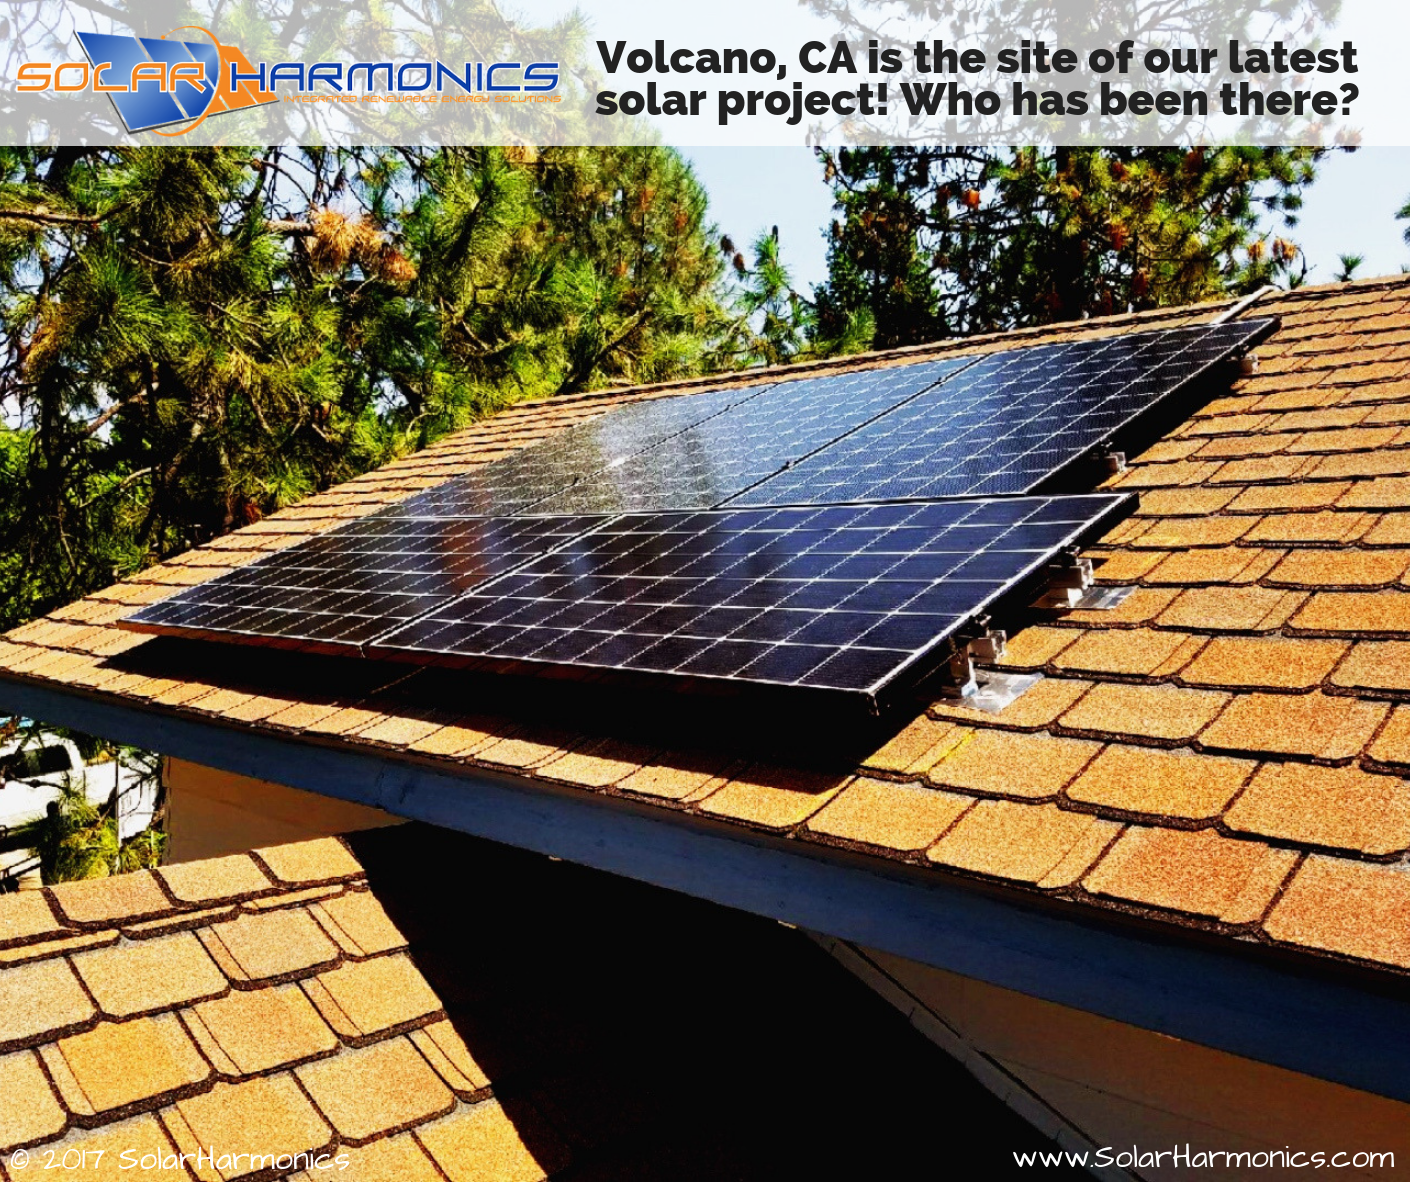 Solar_Harmonics_solar_installation_company_Consolation-St_Volcano_CA_United-States